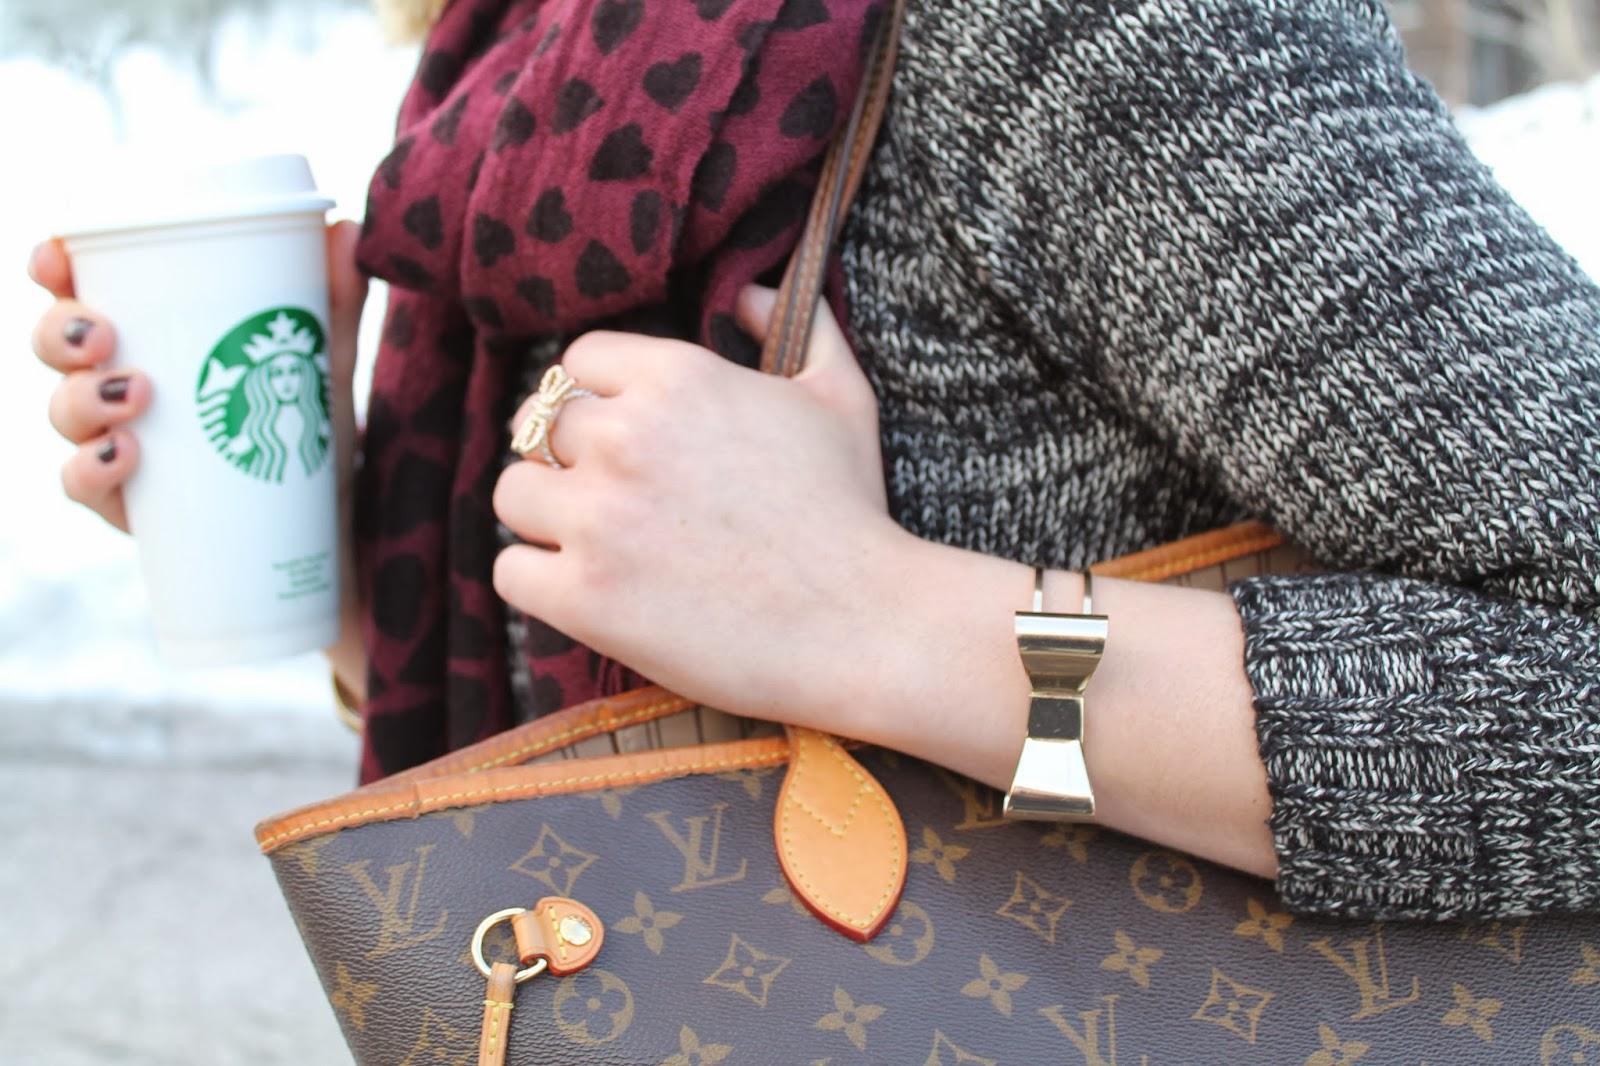 Fashion blogger Austria österreich Kärnten Carinthia Klagenfurt Sweater Zara Hearts Scarf Red Louis Vuitton Neverfull Monogram Converse blue Levis Jeans